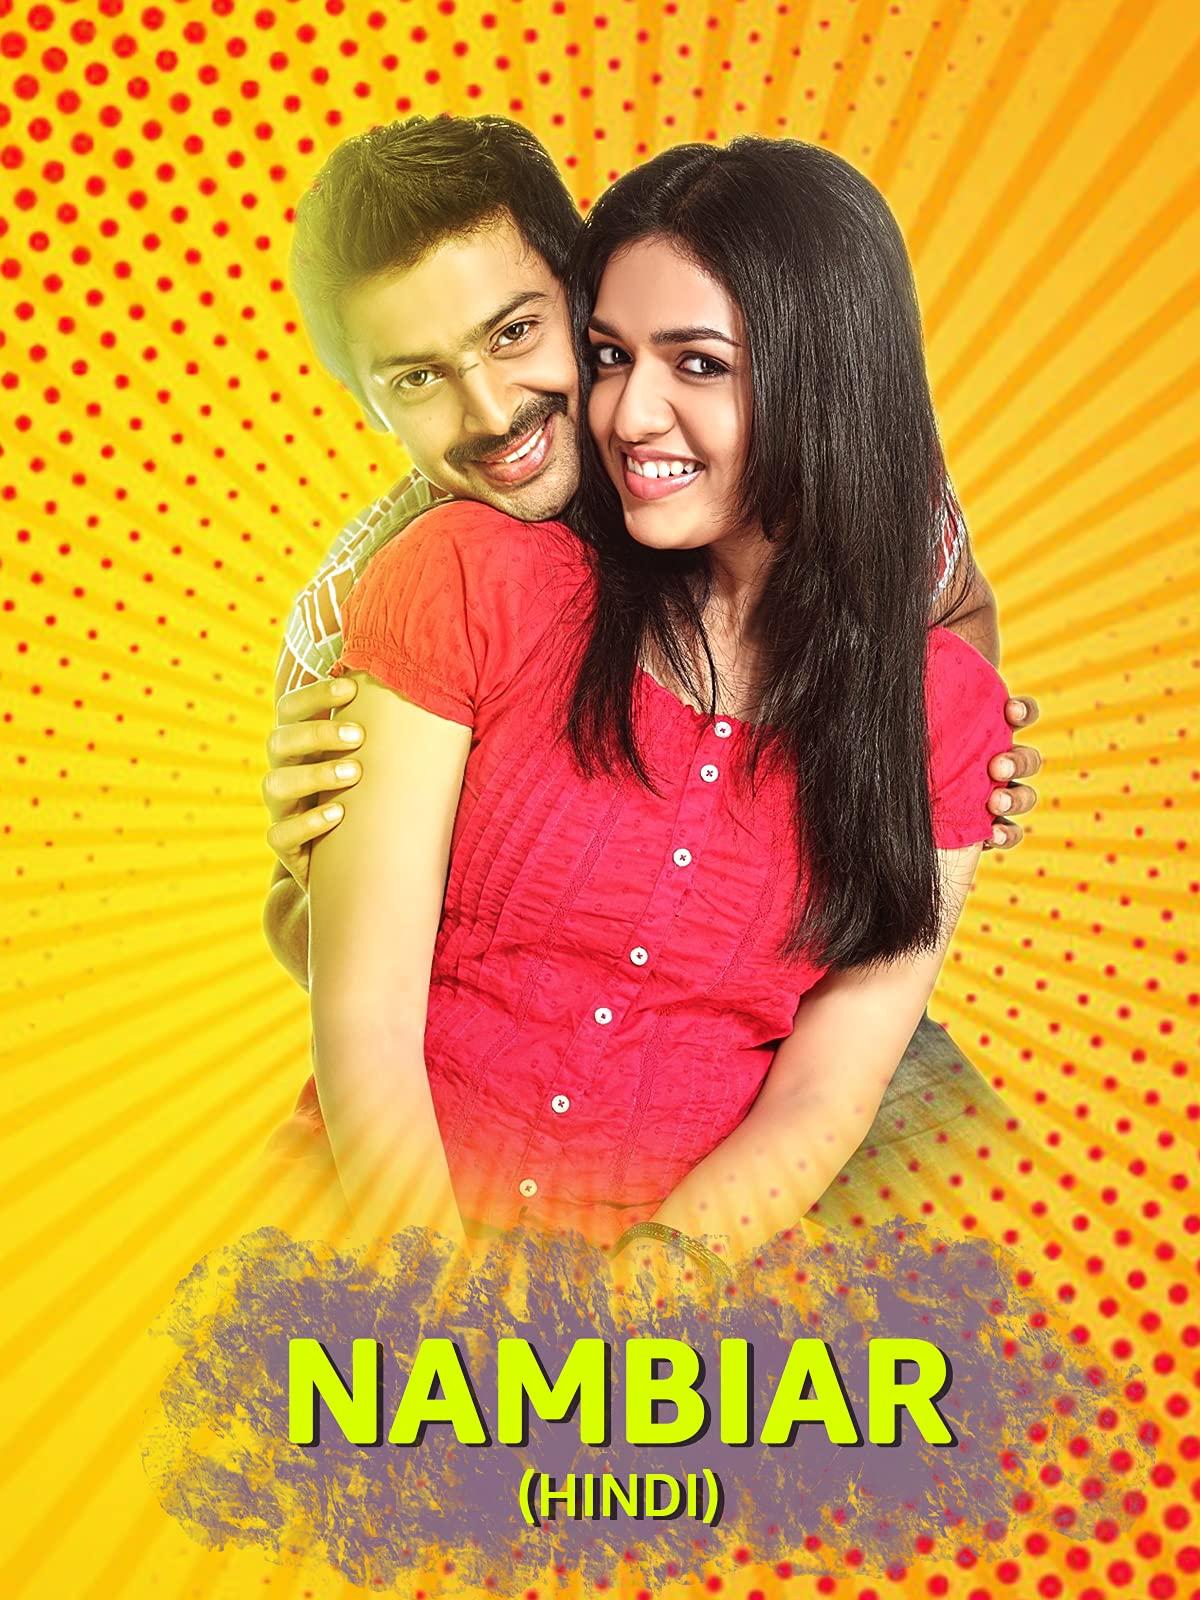 Nambiar (Hindi)